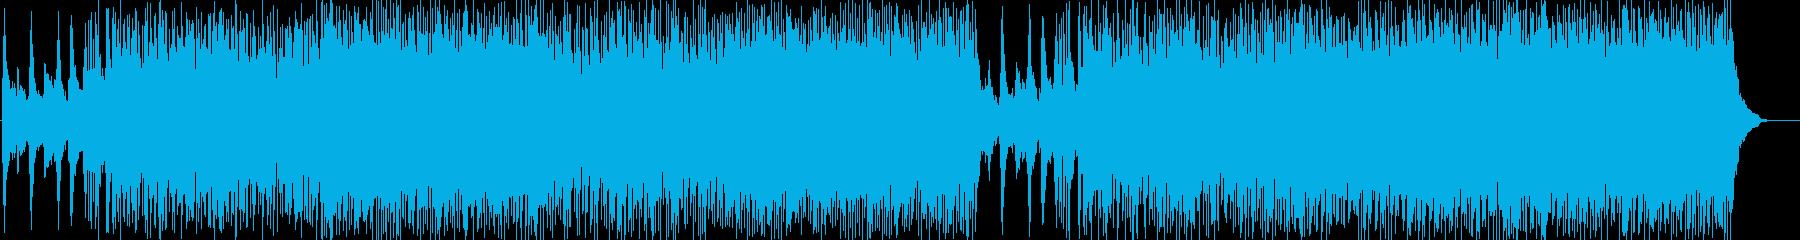 エキサイティングで元気なポップロックの再生済みの波形